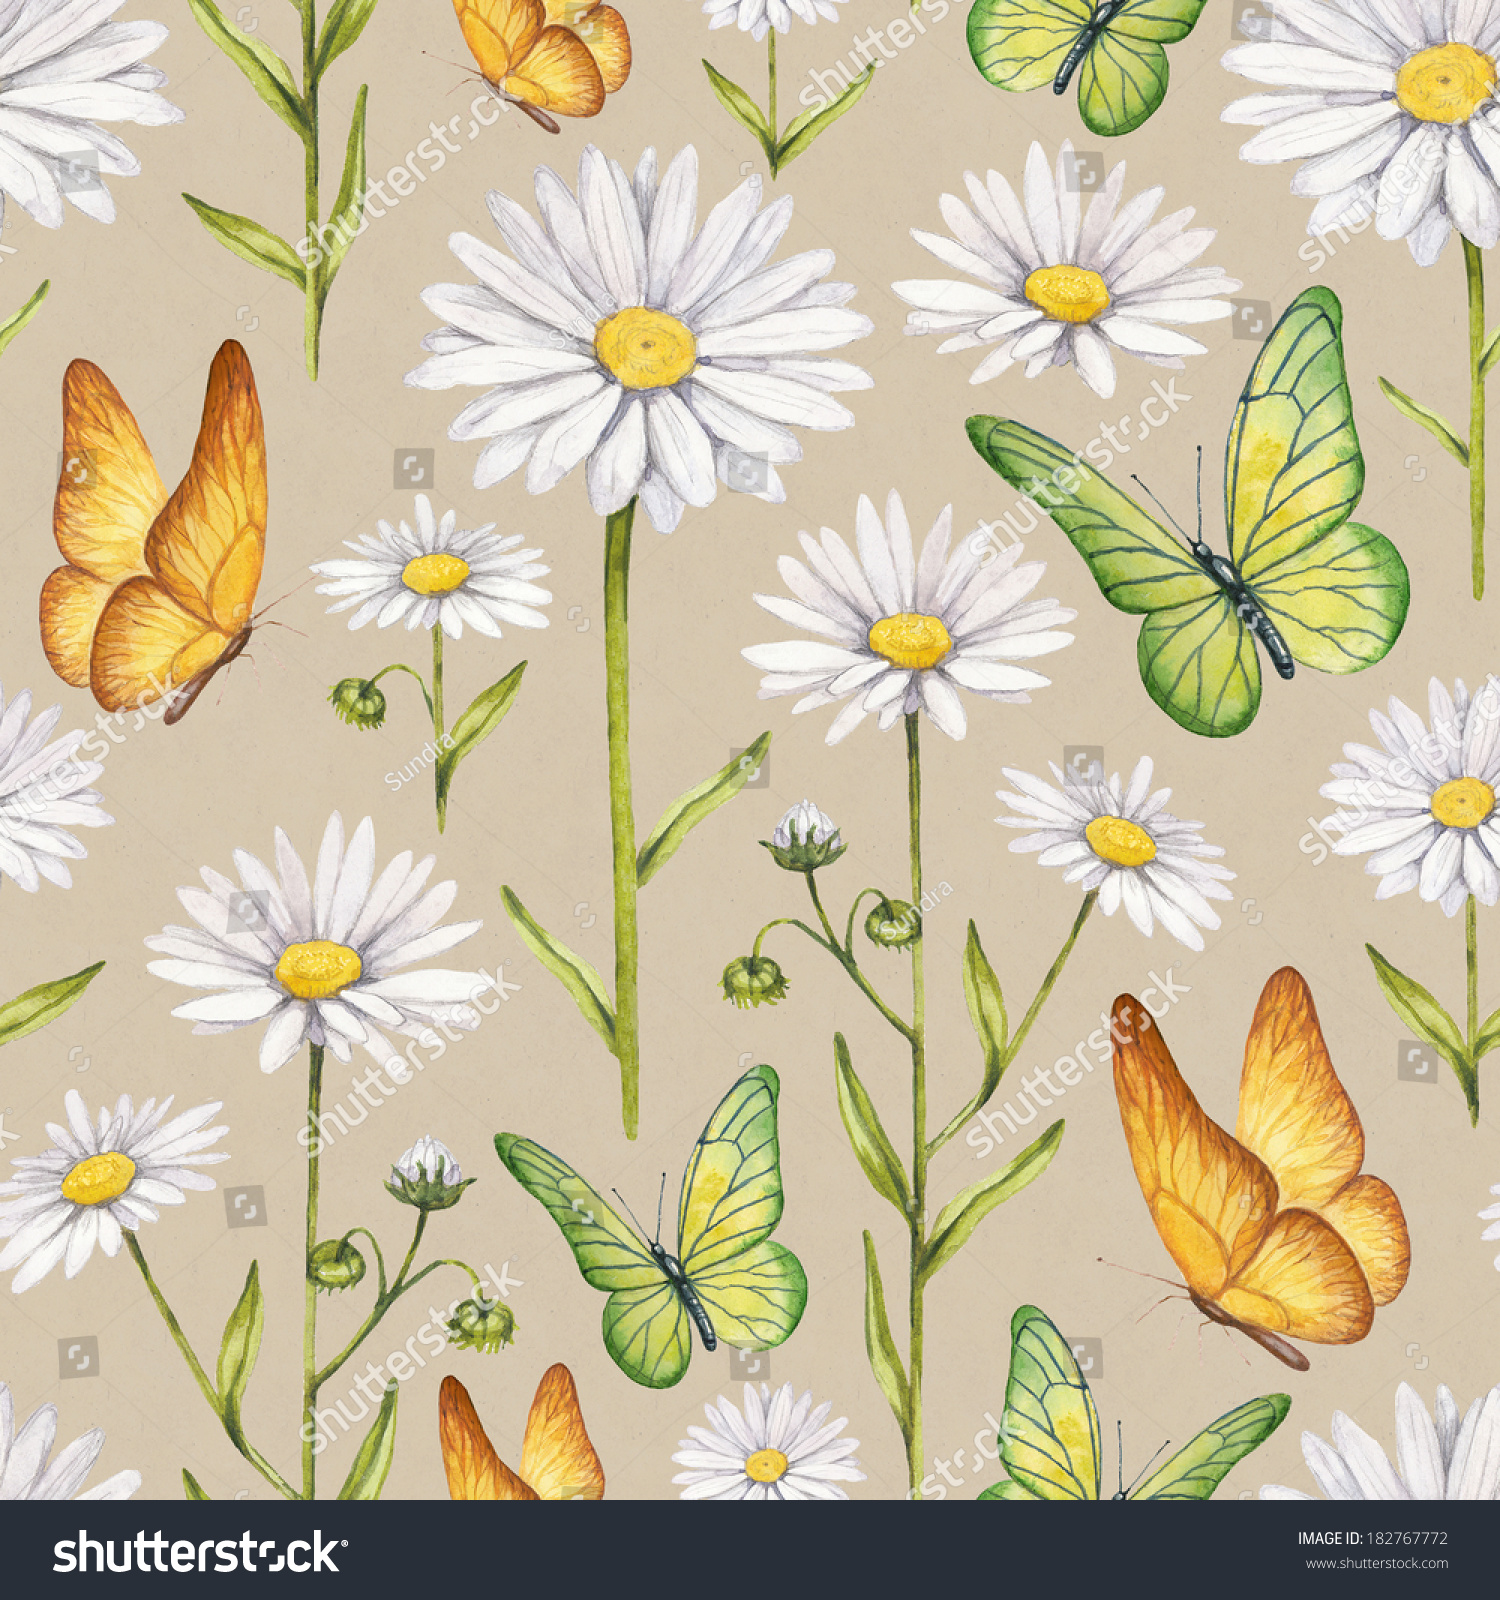 洋甘菊鲜花和蝴蝶插图.水彩无缝模式-背景/素材,自然